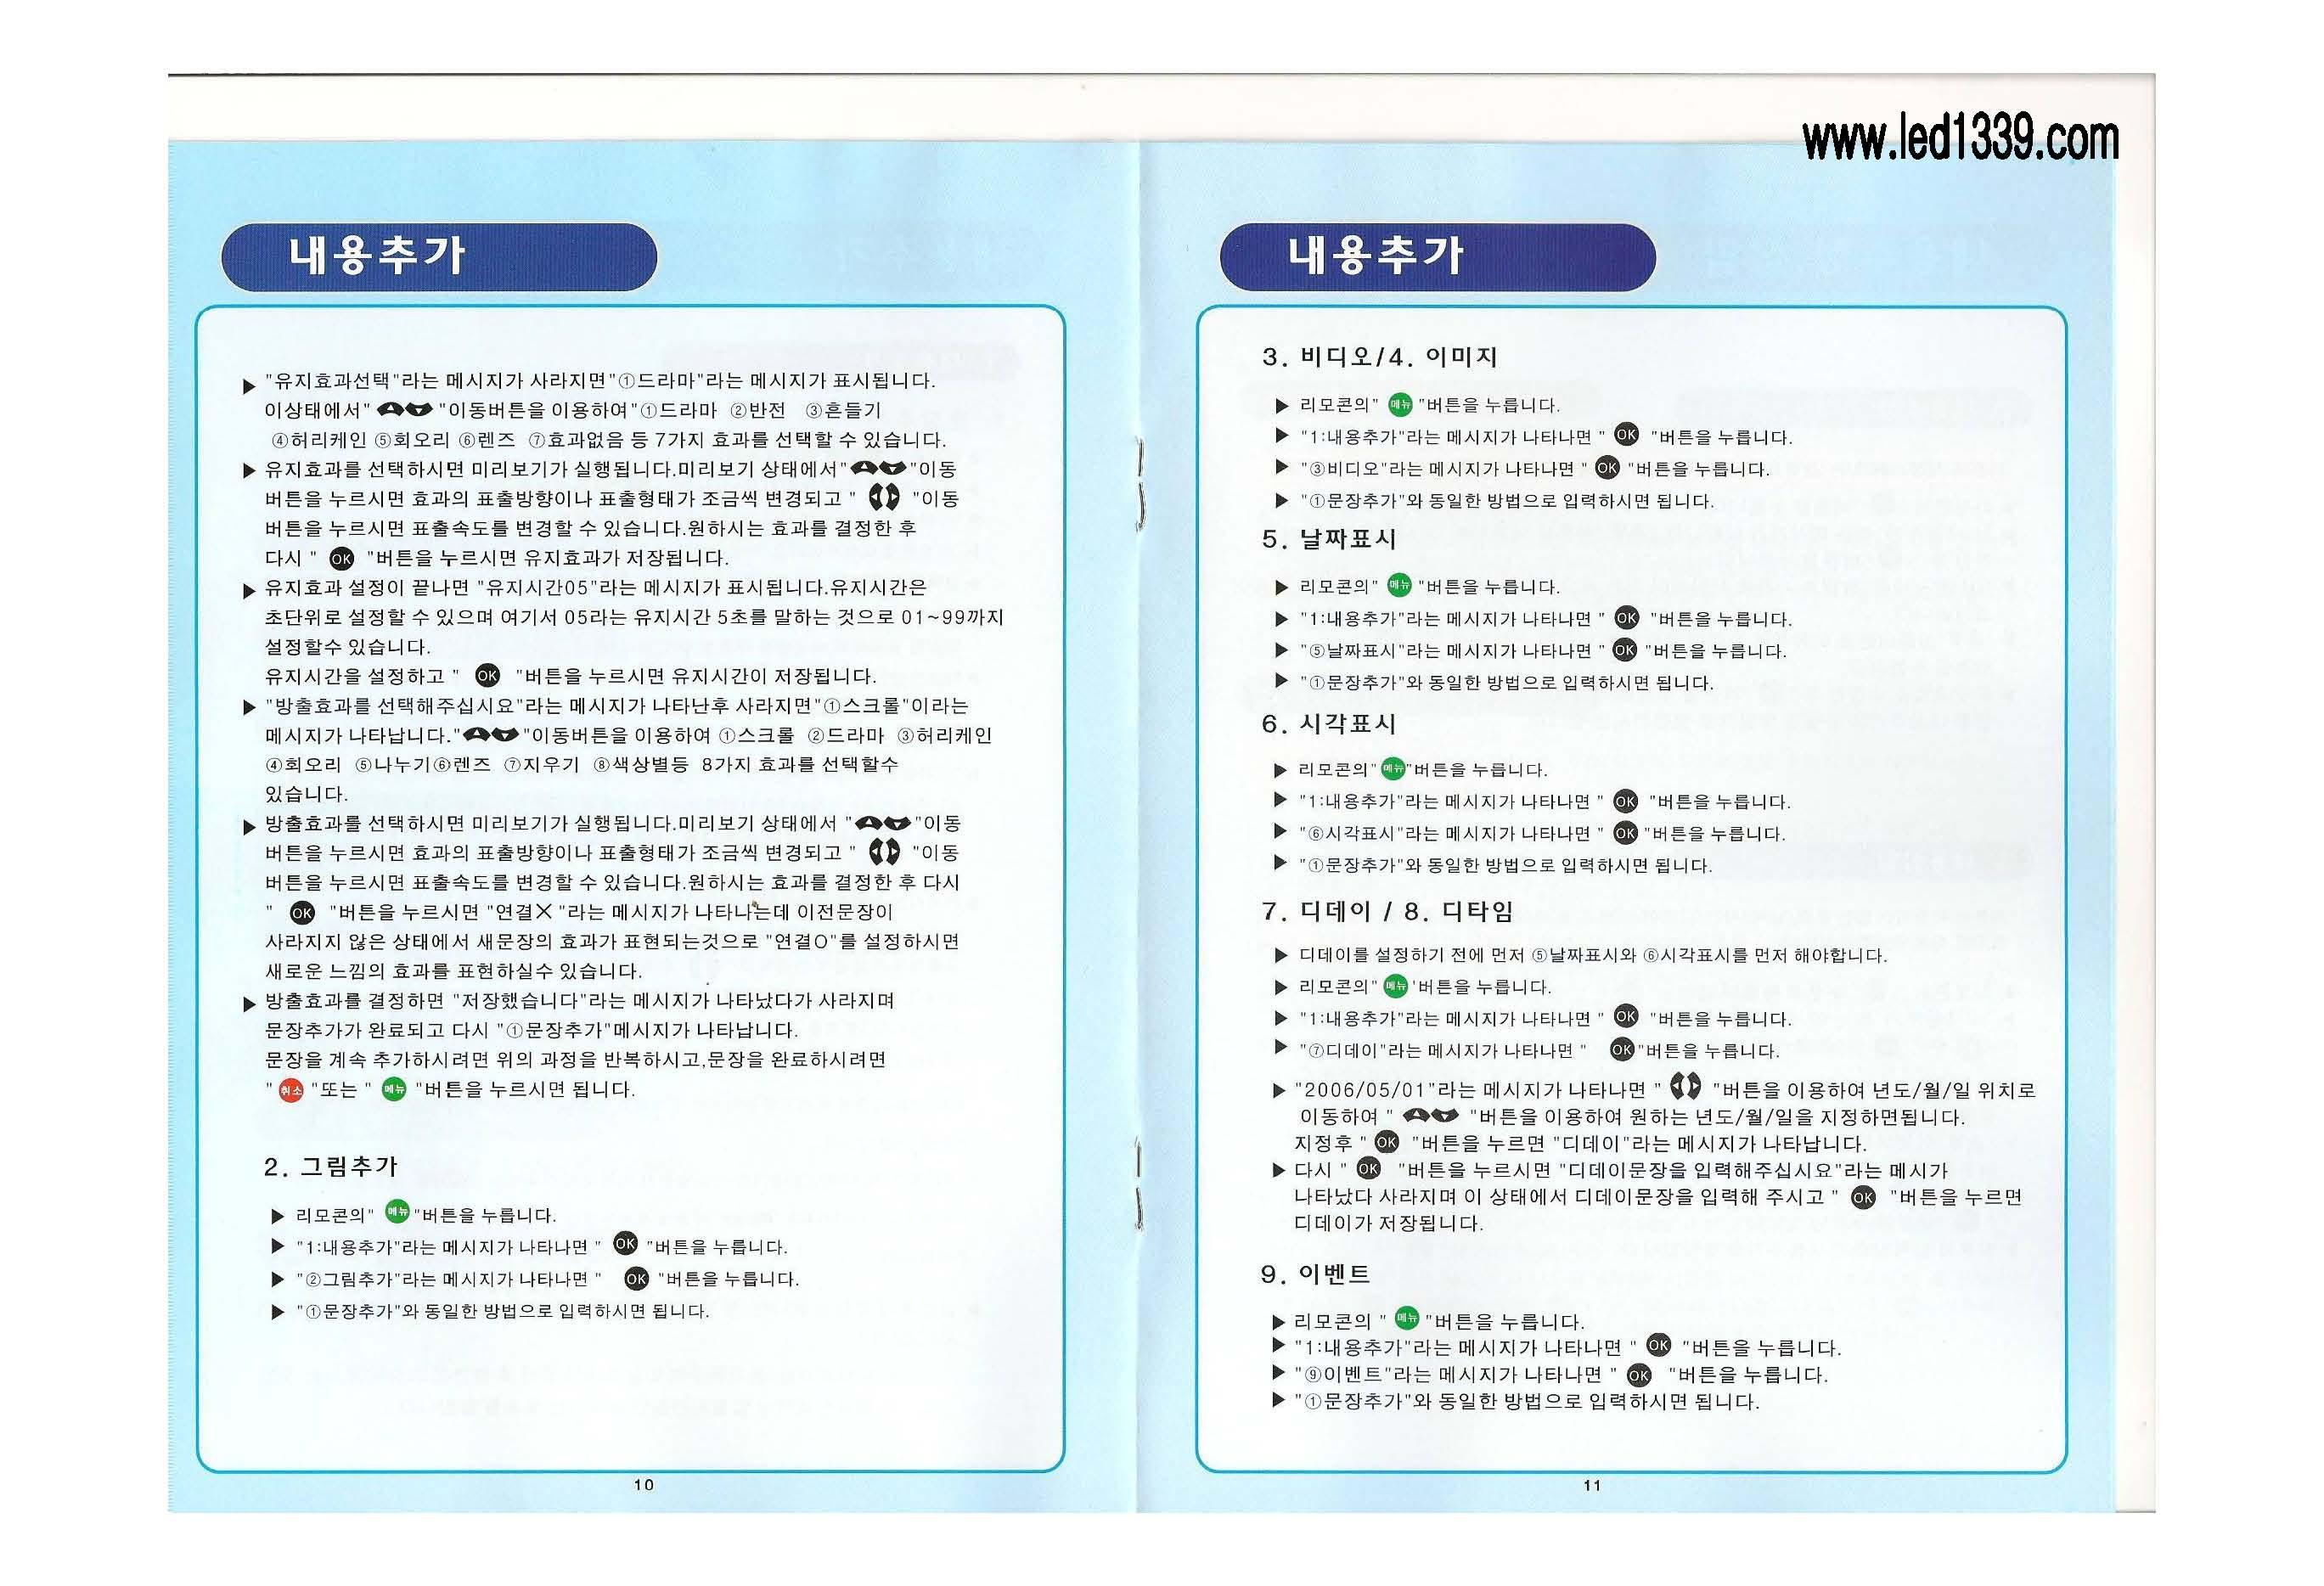 애드트로닉 한글 리모콘 사용설명서_페이지_06.jpg